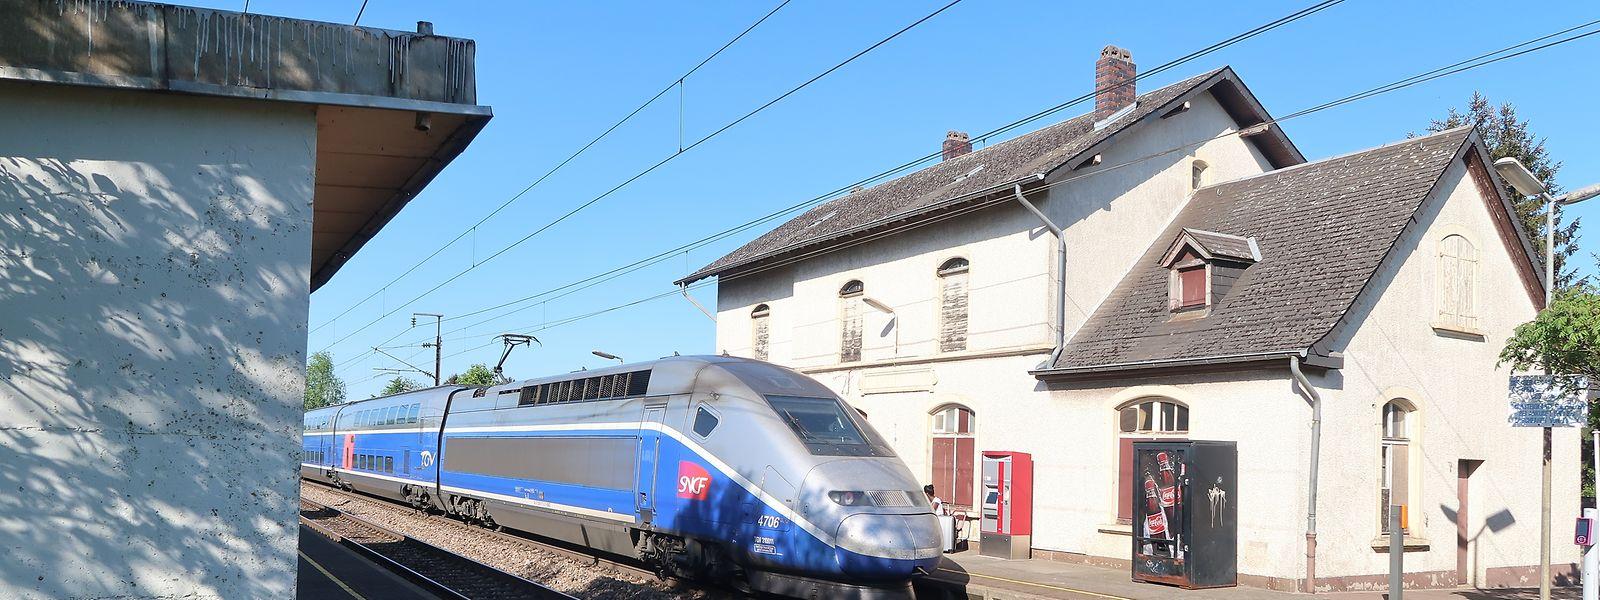 Von Weitem betrachtet sieht das aktuelle Bahnhofsgebäude beschaulich aus.